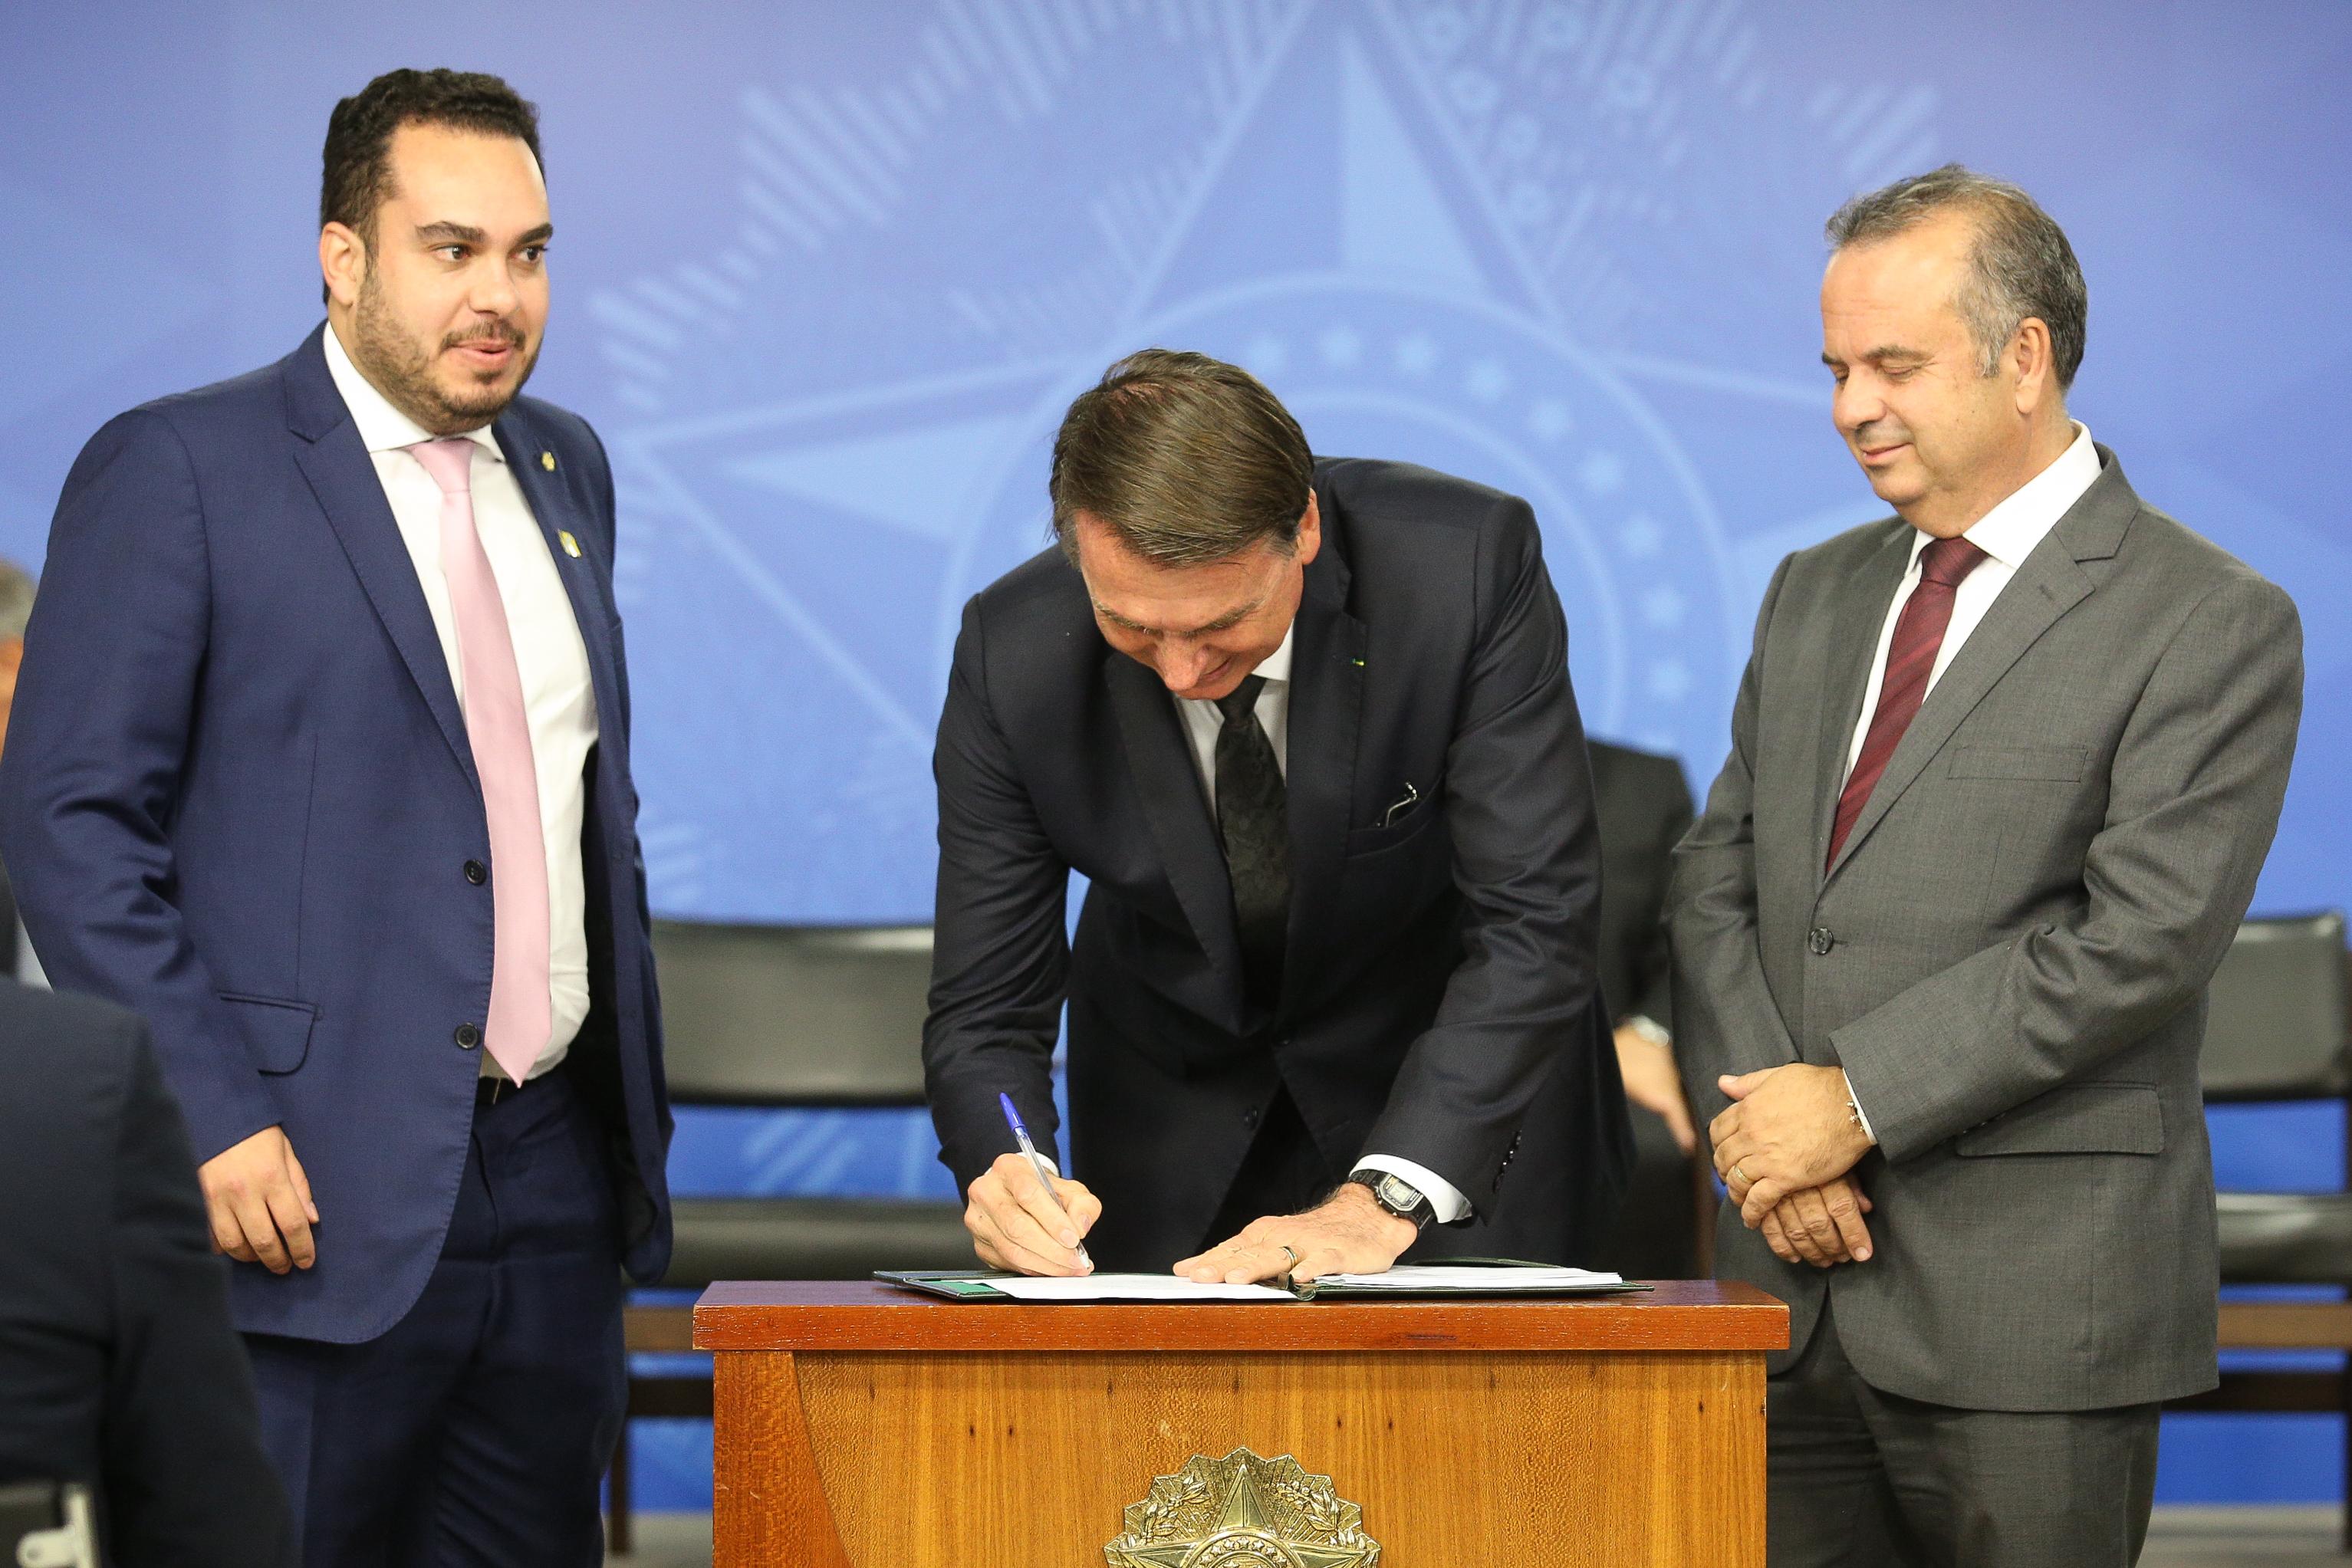 Foto: André Coelho/ASCOM/Ministério da Economia